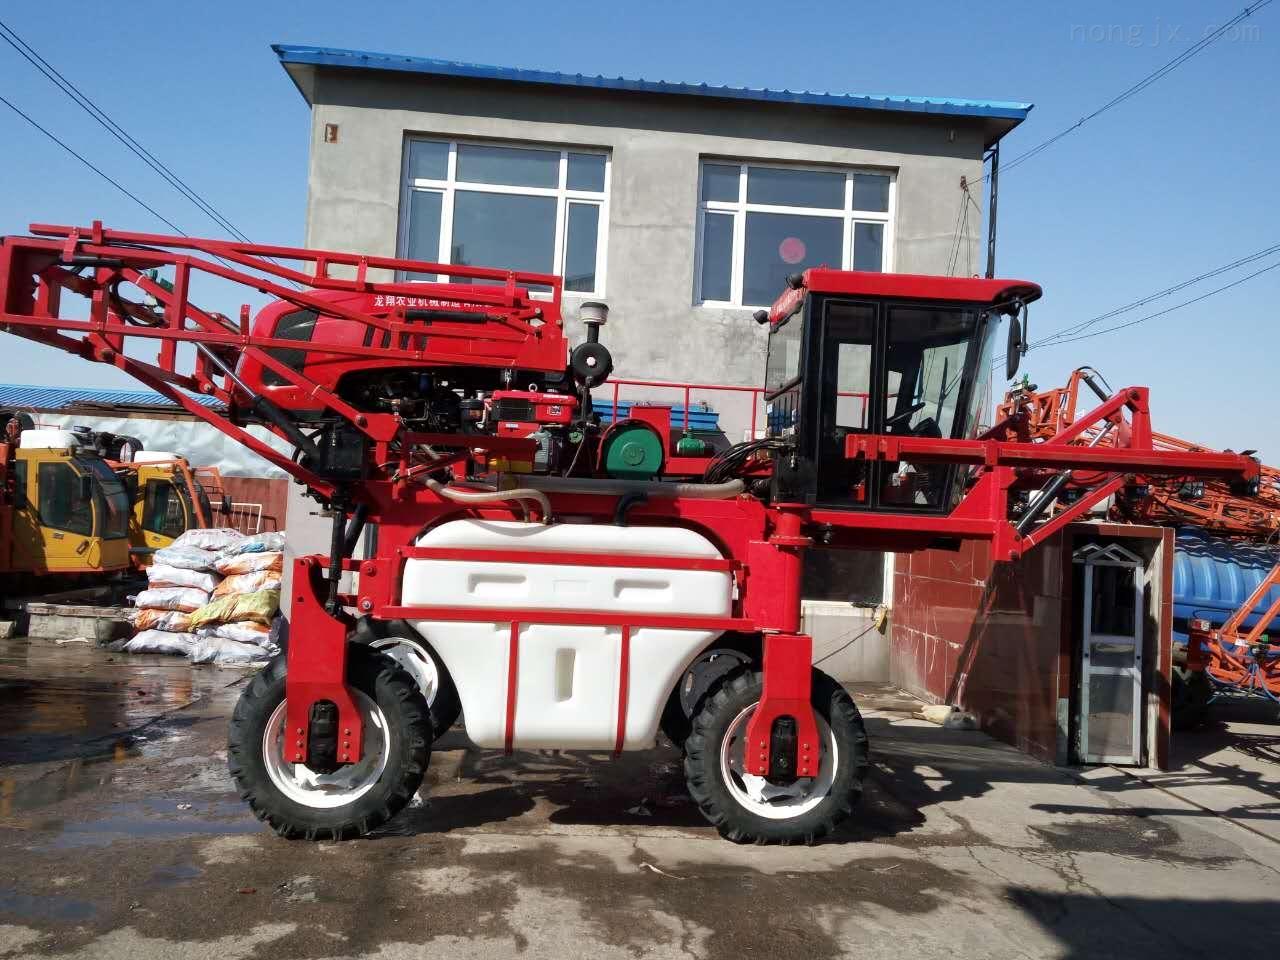 吉林玉米喷药机价格批发自走式玉米打药机生产厂家直销